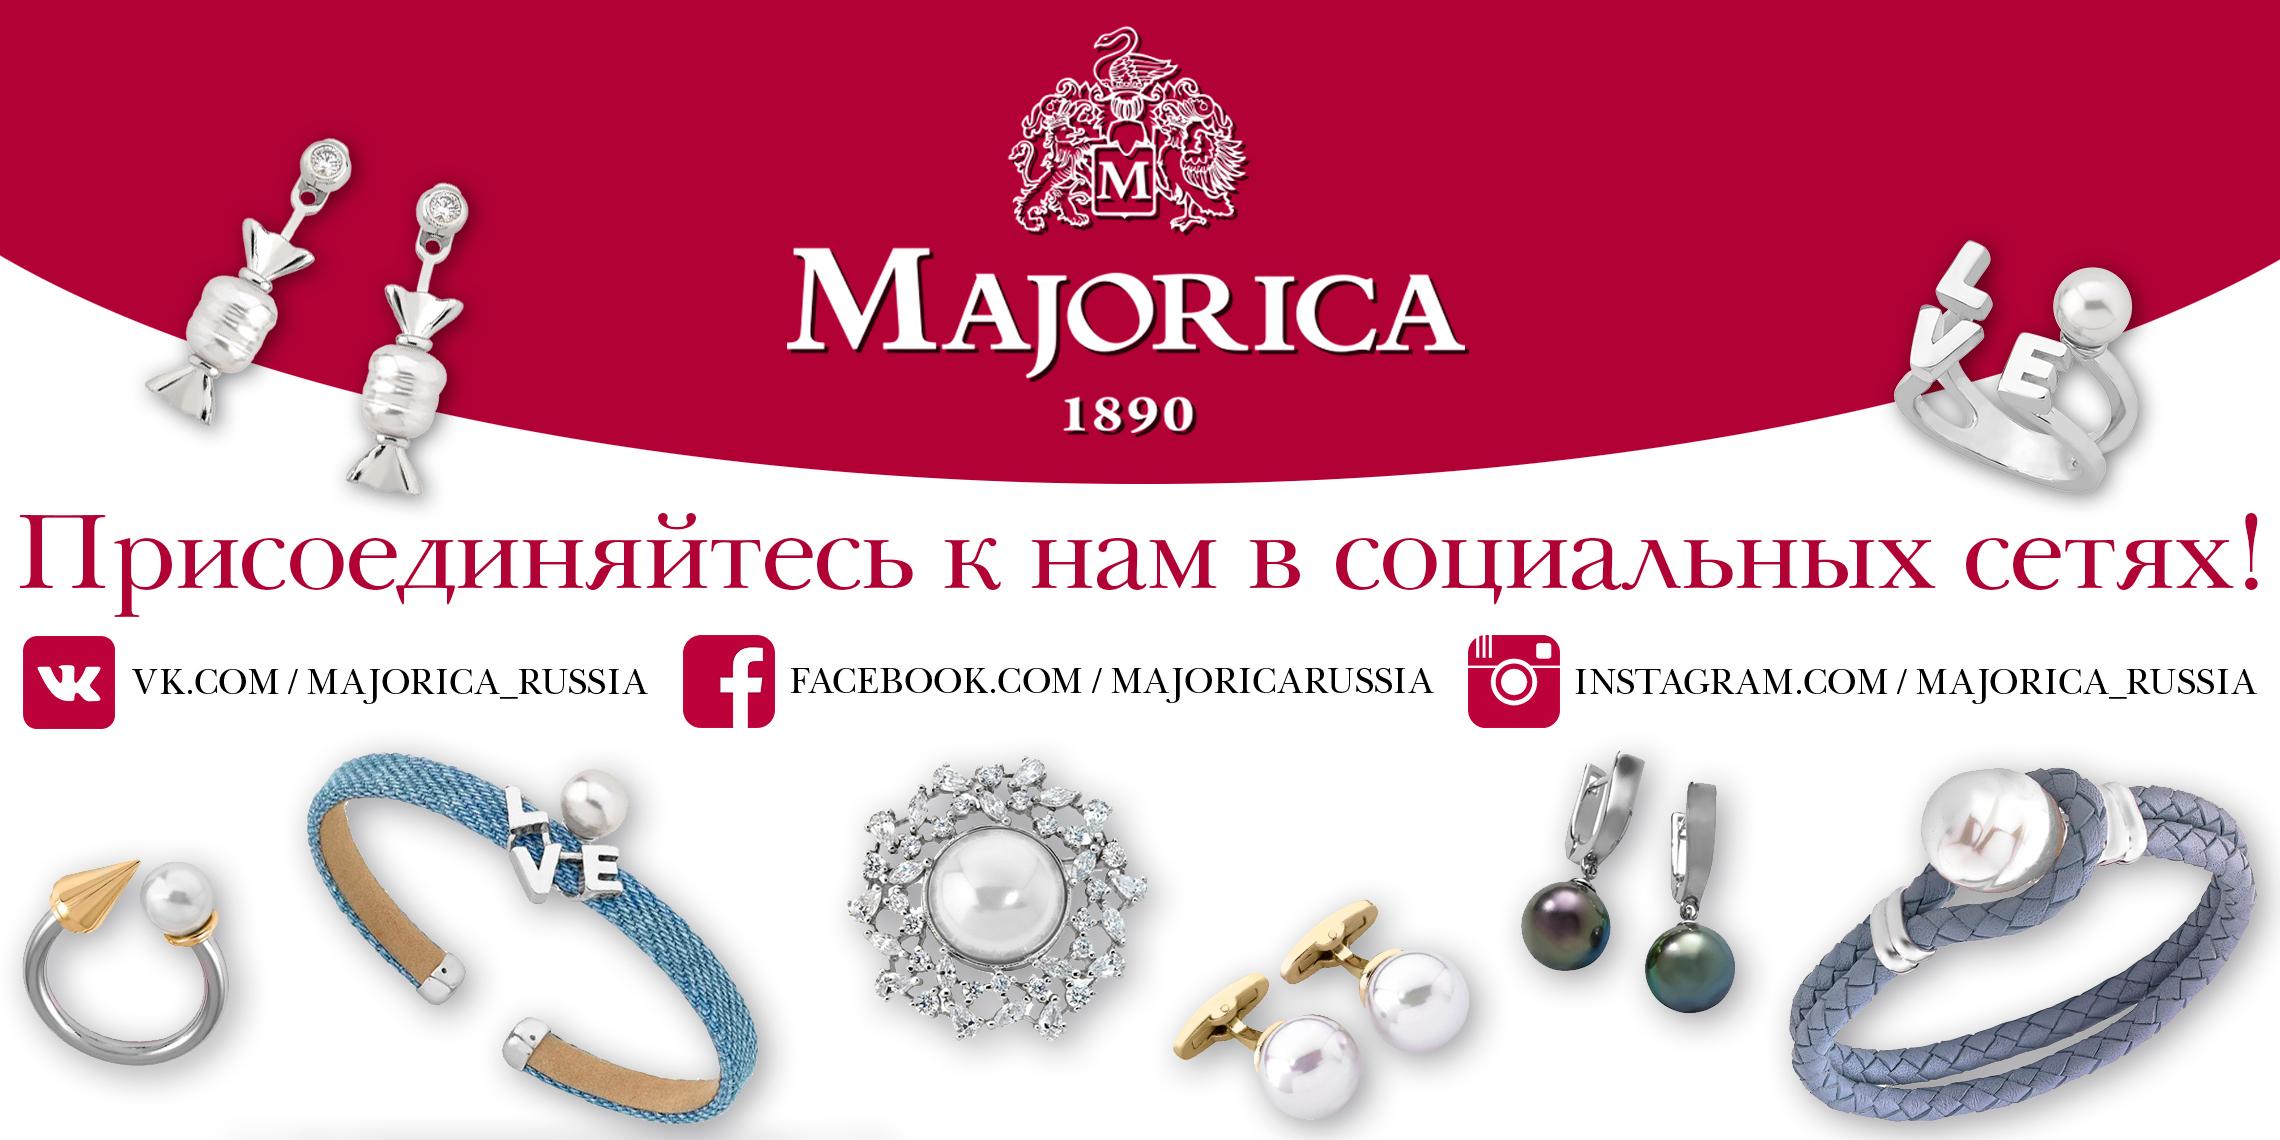 2280х1140_majorica_FOLLOW_4.jpg